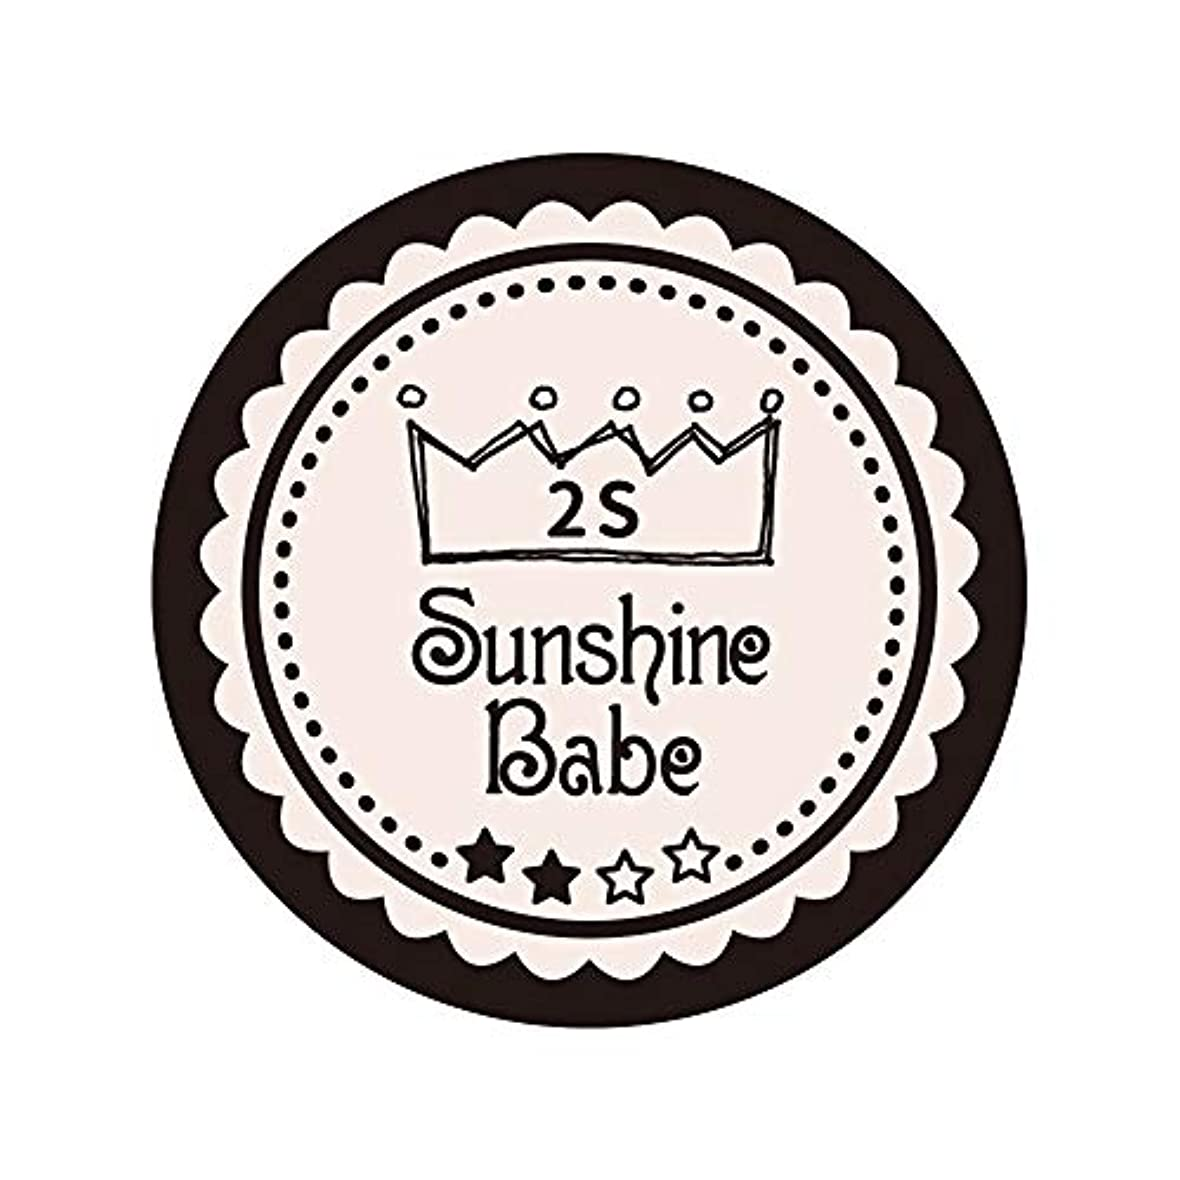 憂鬱な湿原仕えるSunshine Babe カラージェル 2S オールモーストモーブ 2.7g UV/LED対応